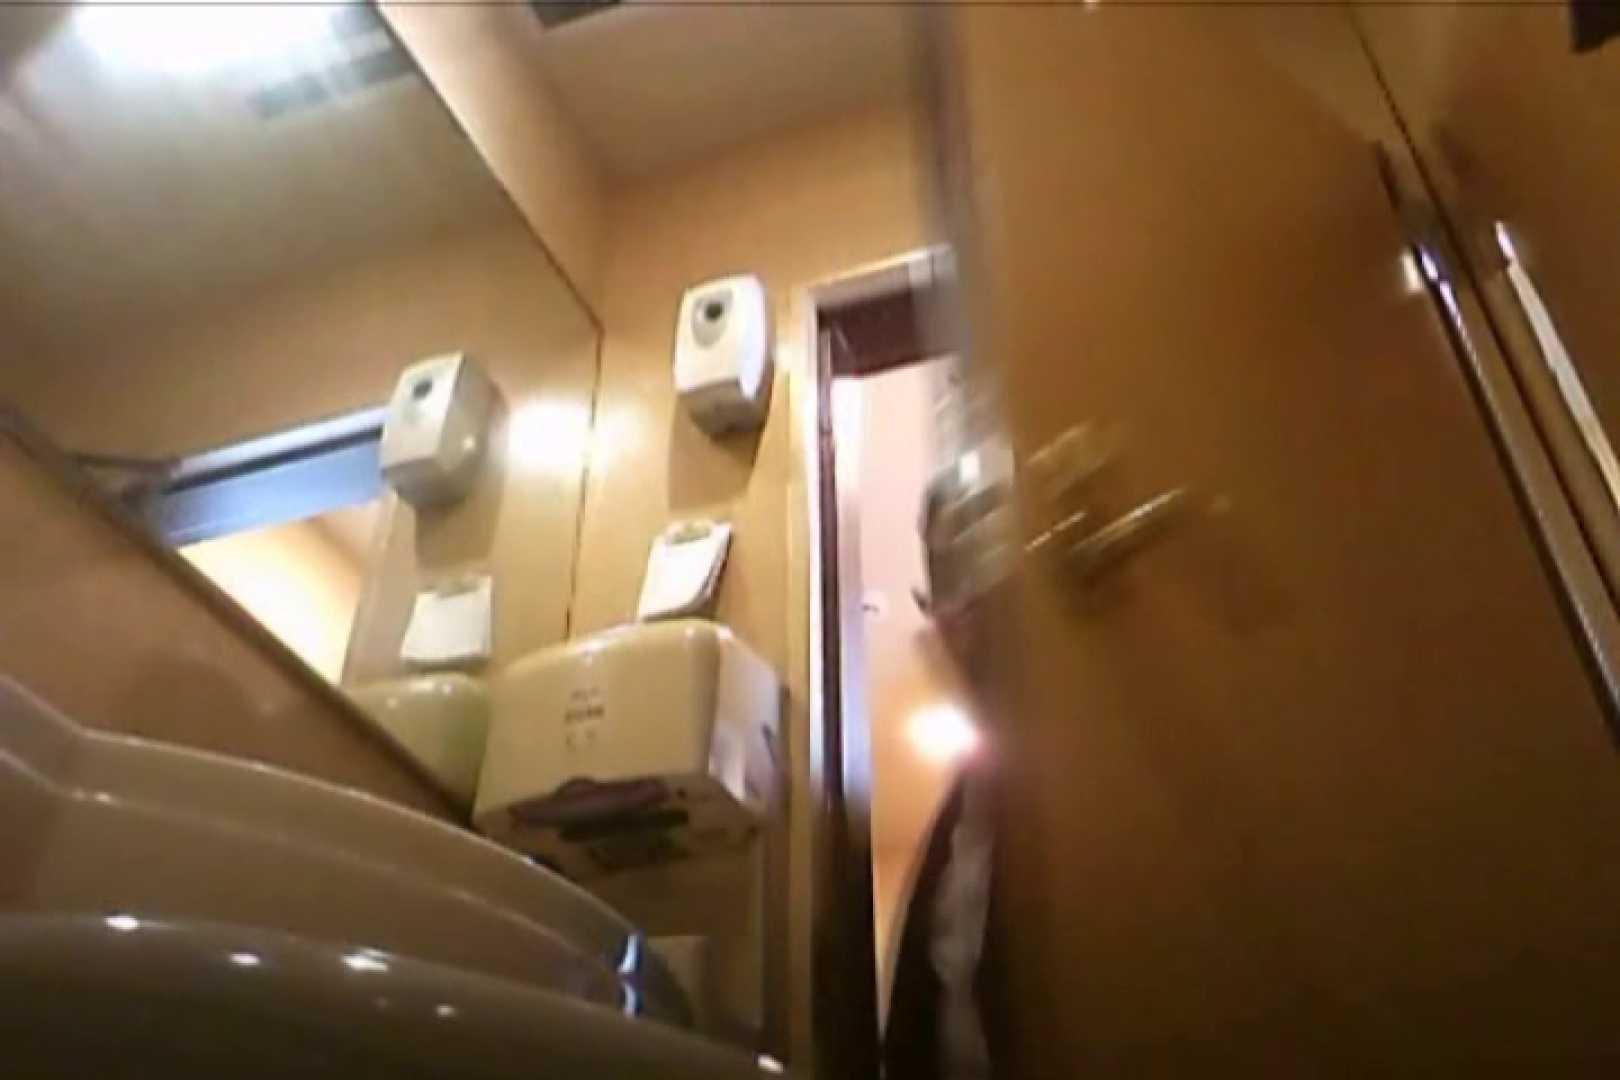 SEASON 2ND!掴み取りさんの洗面所覗き!in新幹線!VOL.21 ボーイズ私服 | 完全無修正でお届け  110pic 107